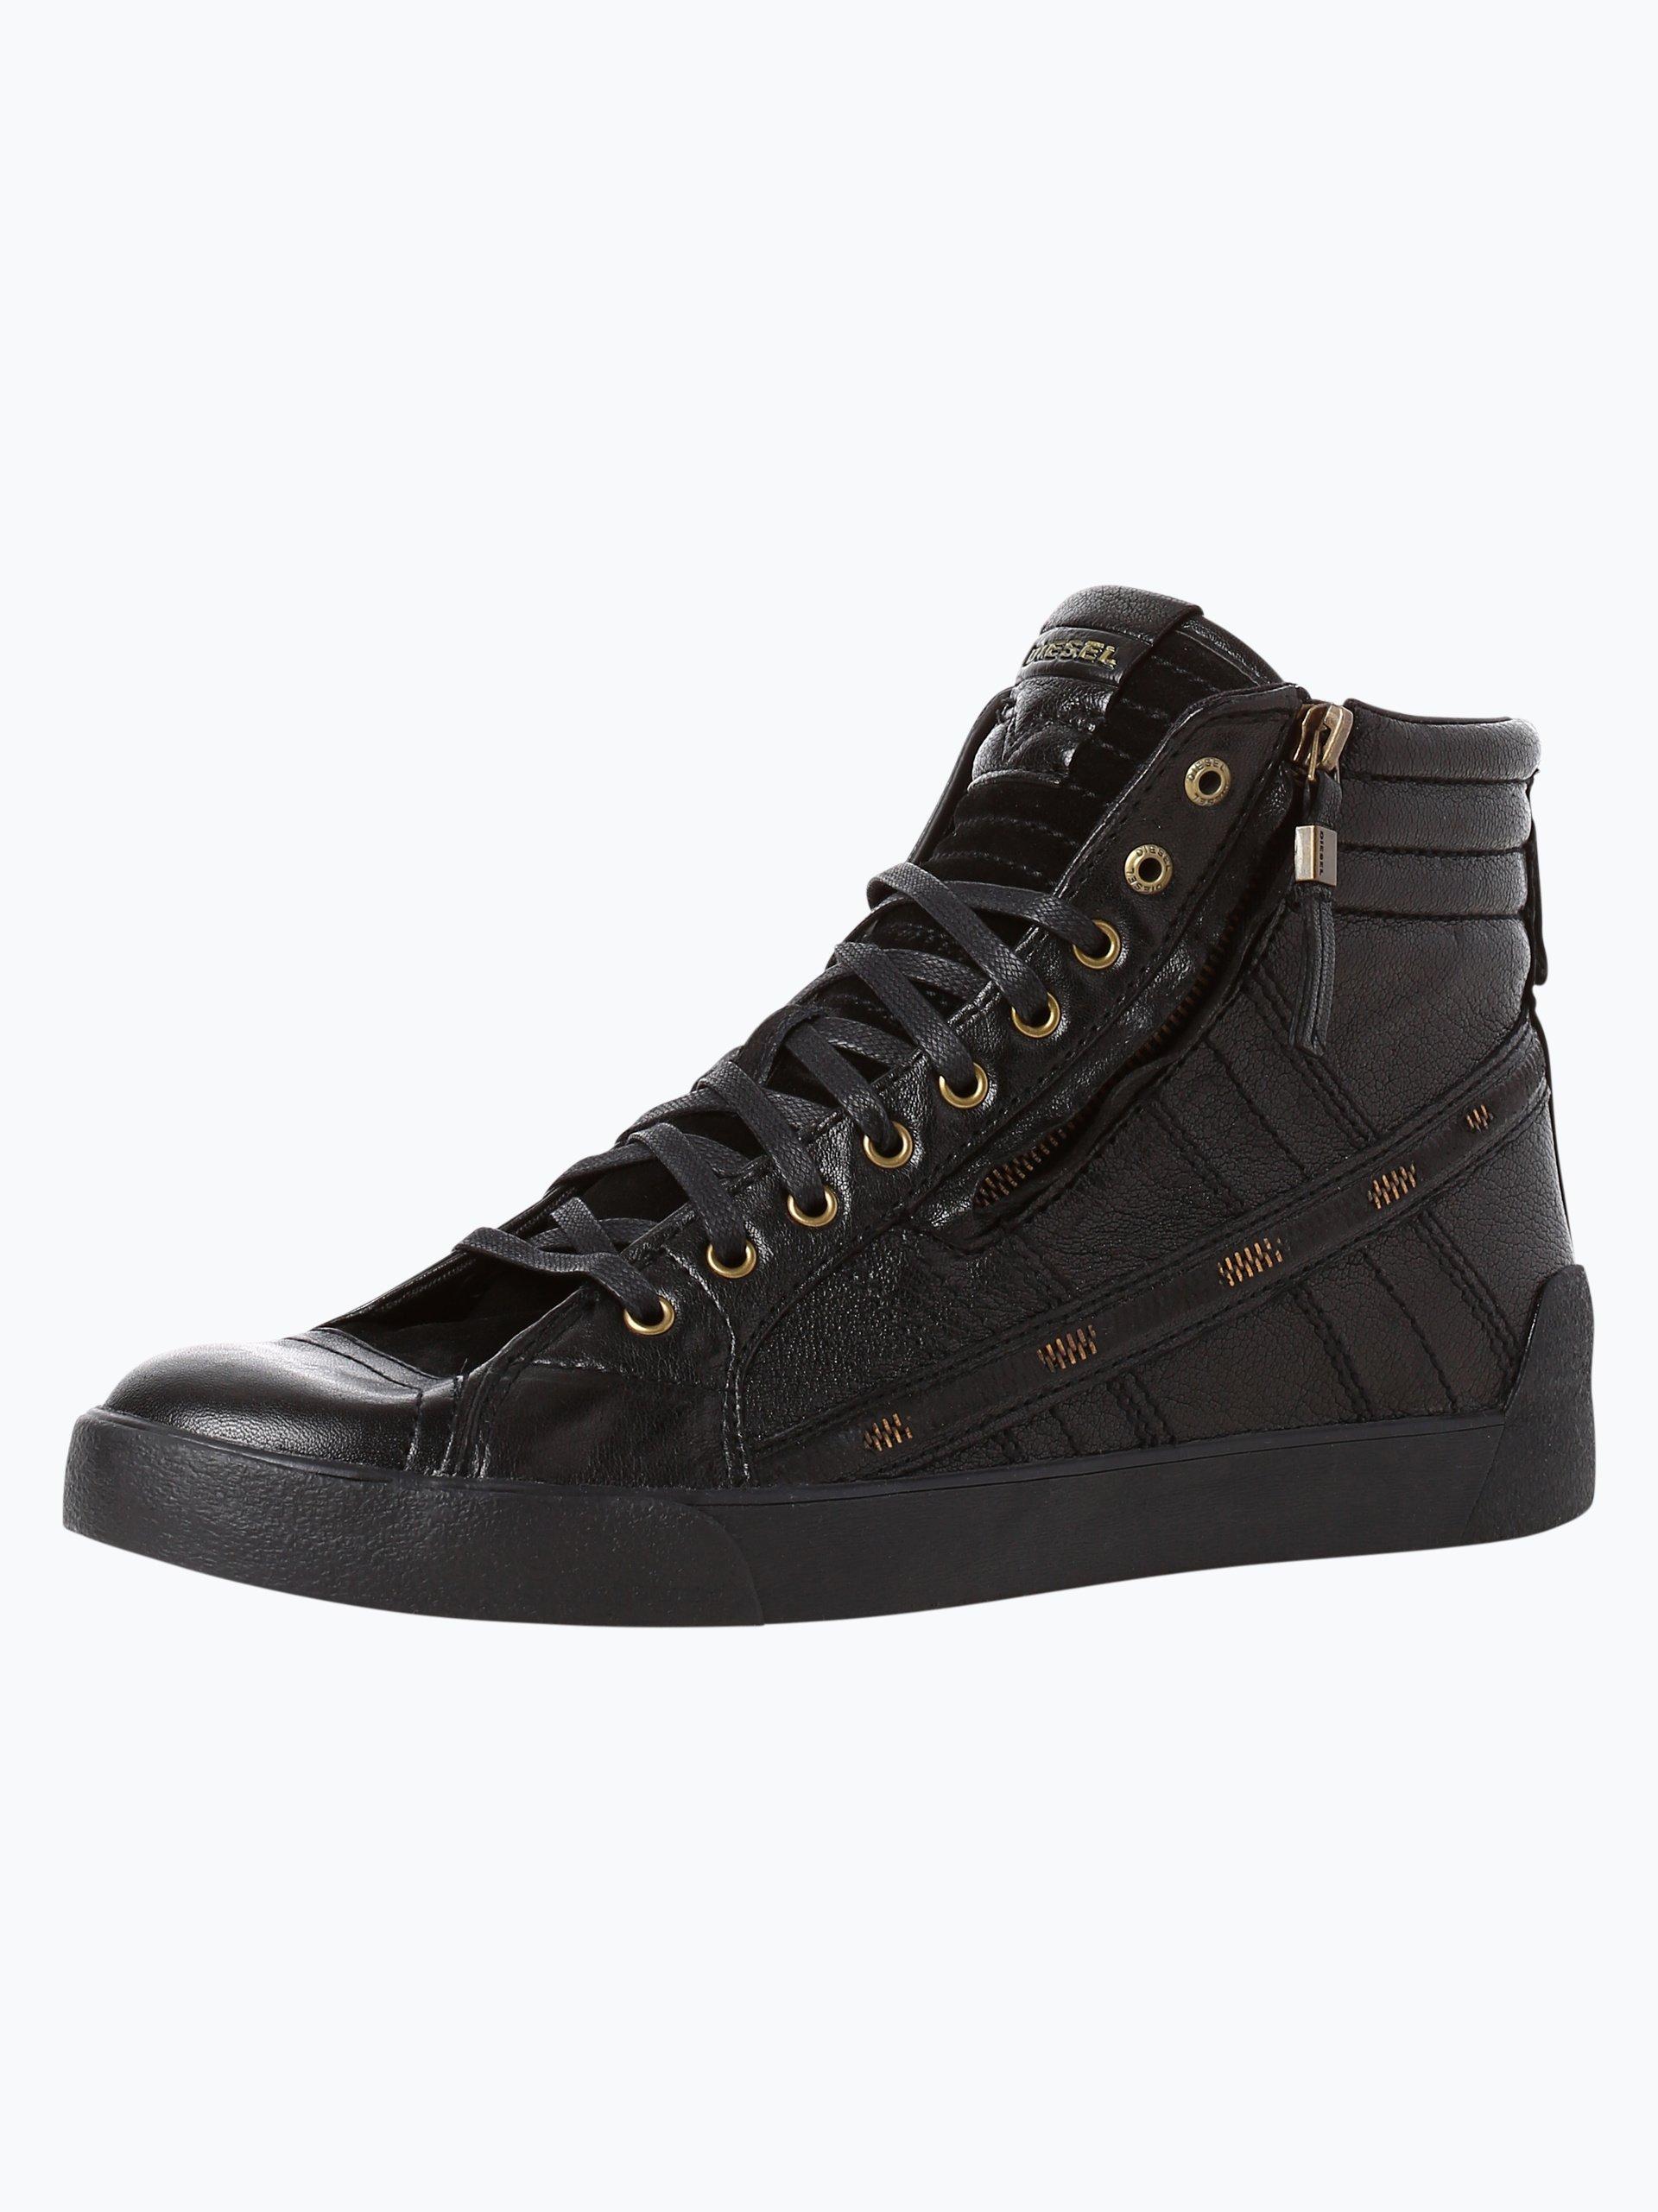 Diesel Herren Sneaker aus Leder